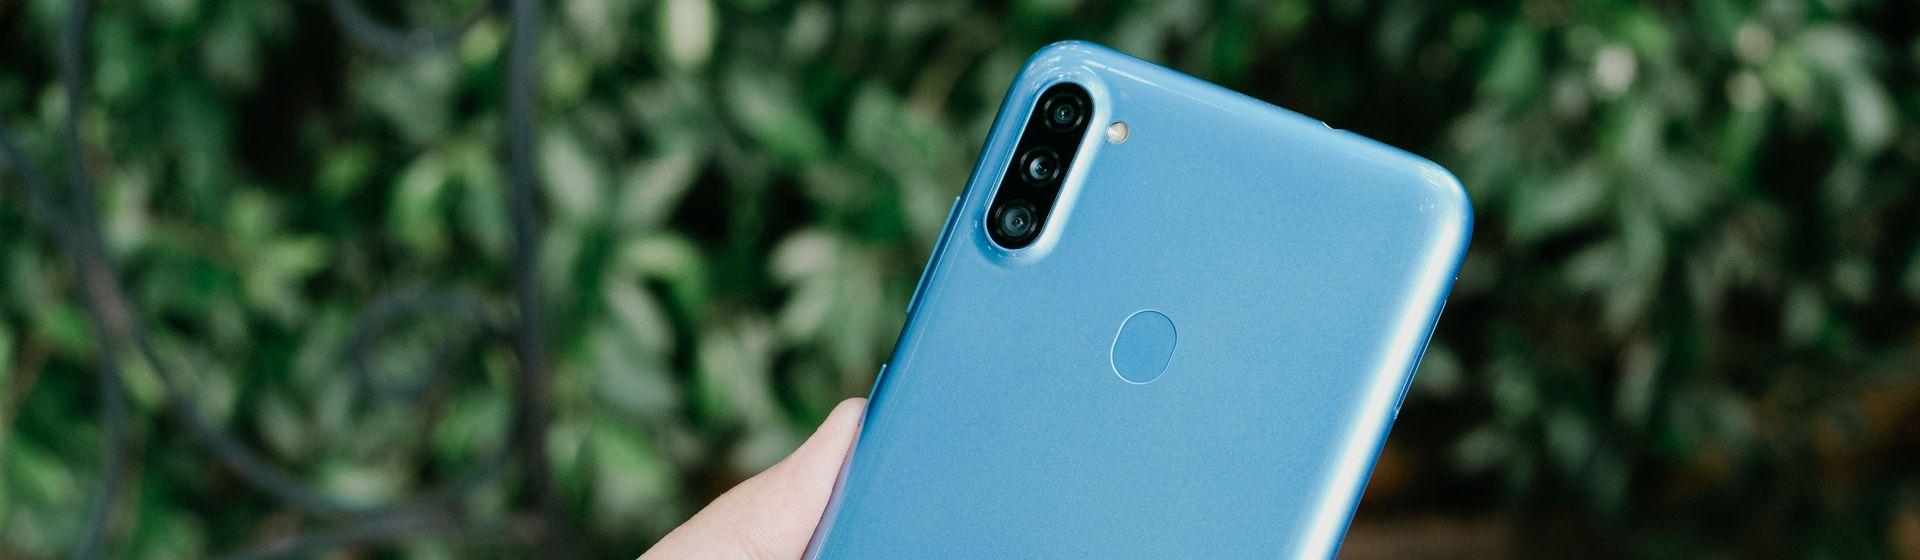 Samsung lança Galaxy A11 e A21s no Brasil; veja preço e ficha técnica